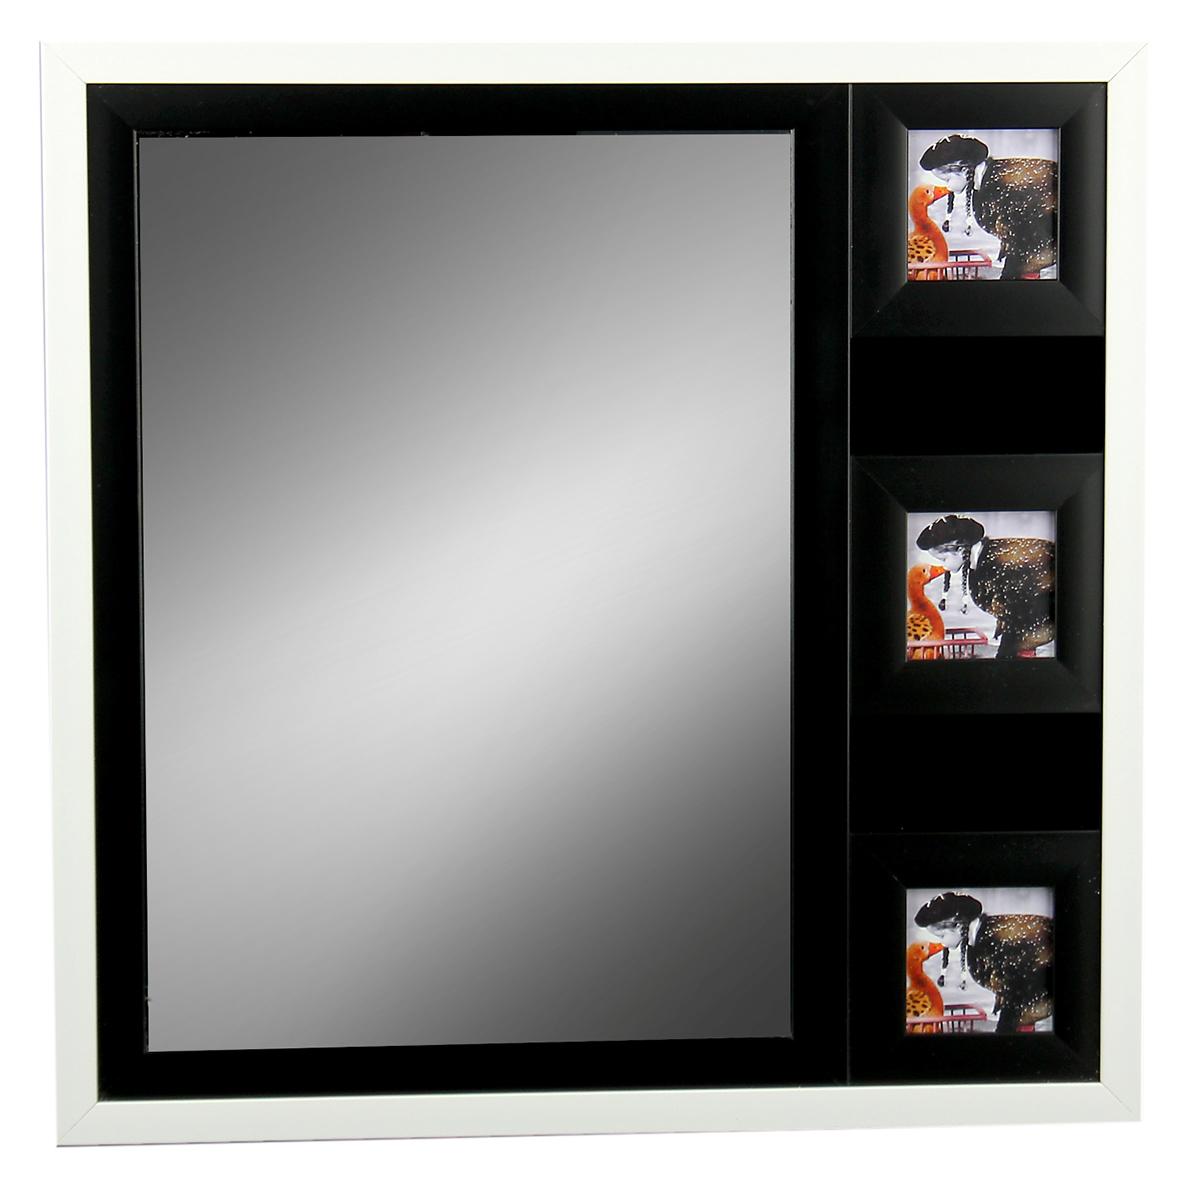 Фоторамка, с зеркалом, на 3 фото, цвет: белый. 717098717098Фоторамка на 3 фото с зеркалом 8х8 см - казалось бы, небольшой сувенир, который напомнит о счастливых днях, проведенных наедине друг с другом, с семьей, а также украсит домашний интерьер, придавая ему тот неповторимый уют, который возможен только в доме, где царят гармония и любовь. Она станет замечательным подарком на 14 февраля, годовщину или в другой значимый для Вас день, чтобы просто порадовать свою вторую половинку.